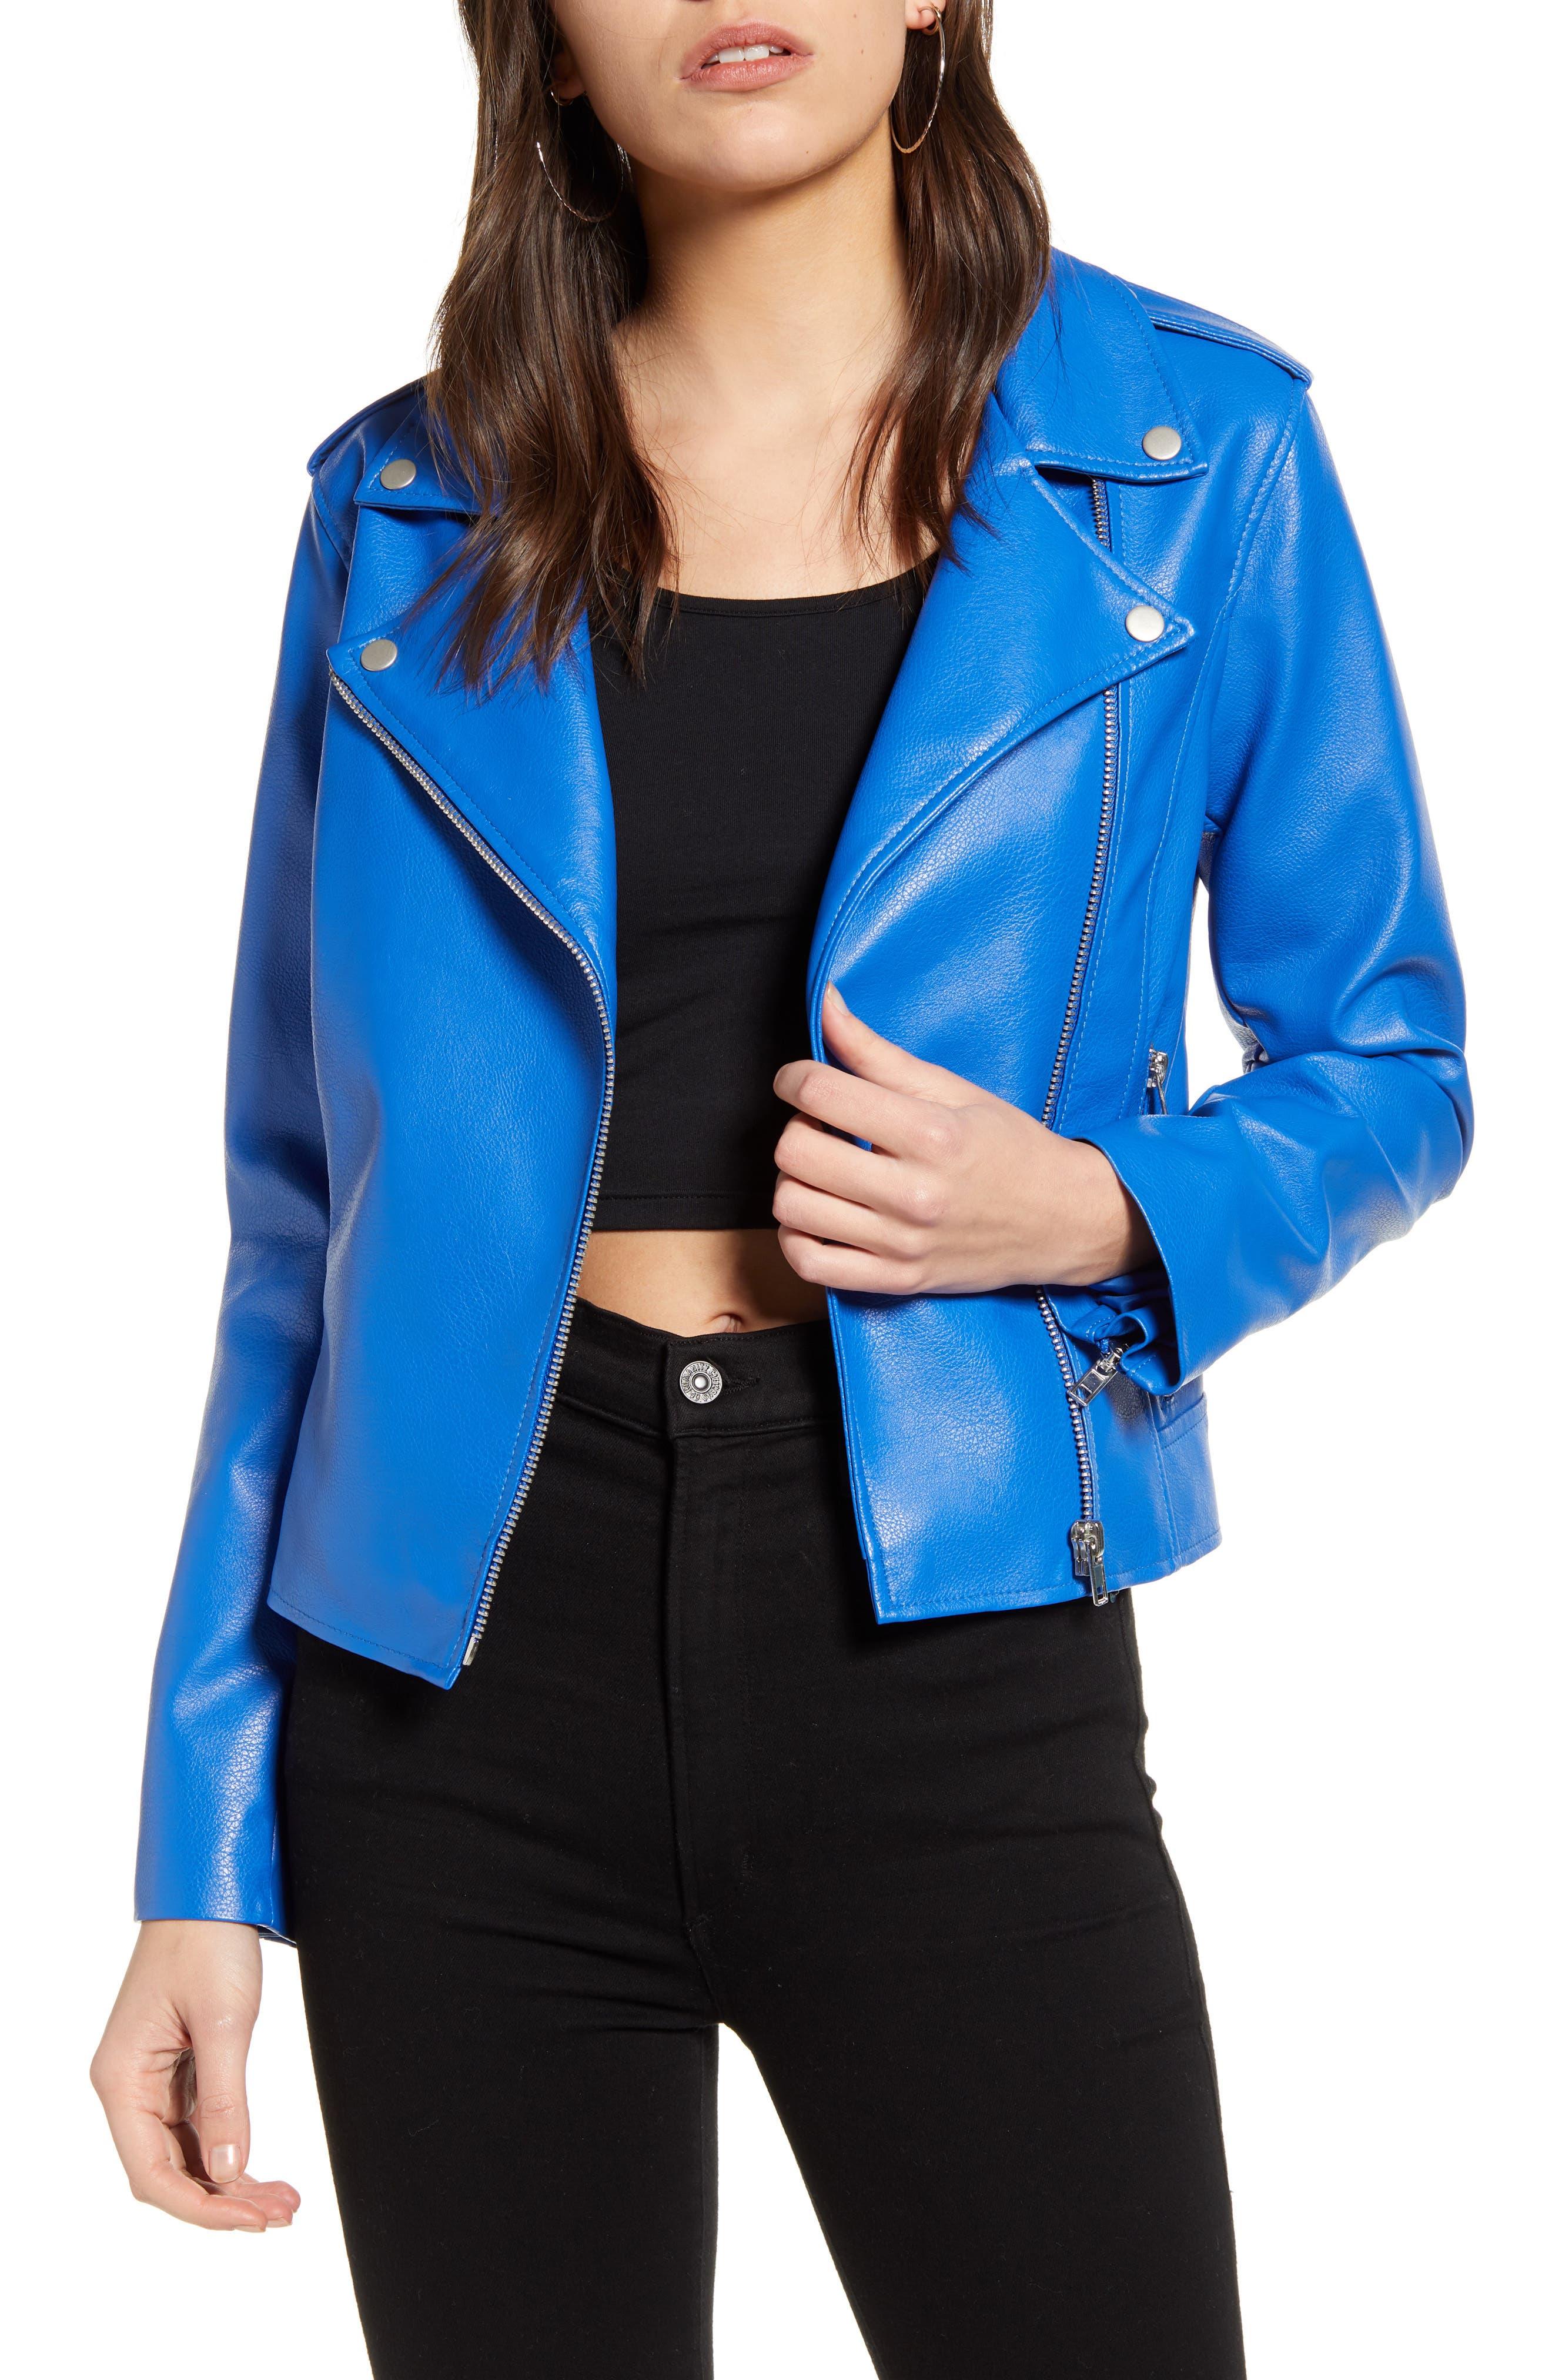 Image of BB Dakota Just Ride Faux Leather Jacket